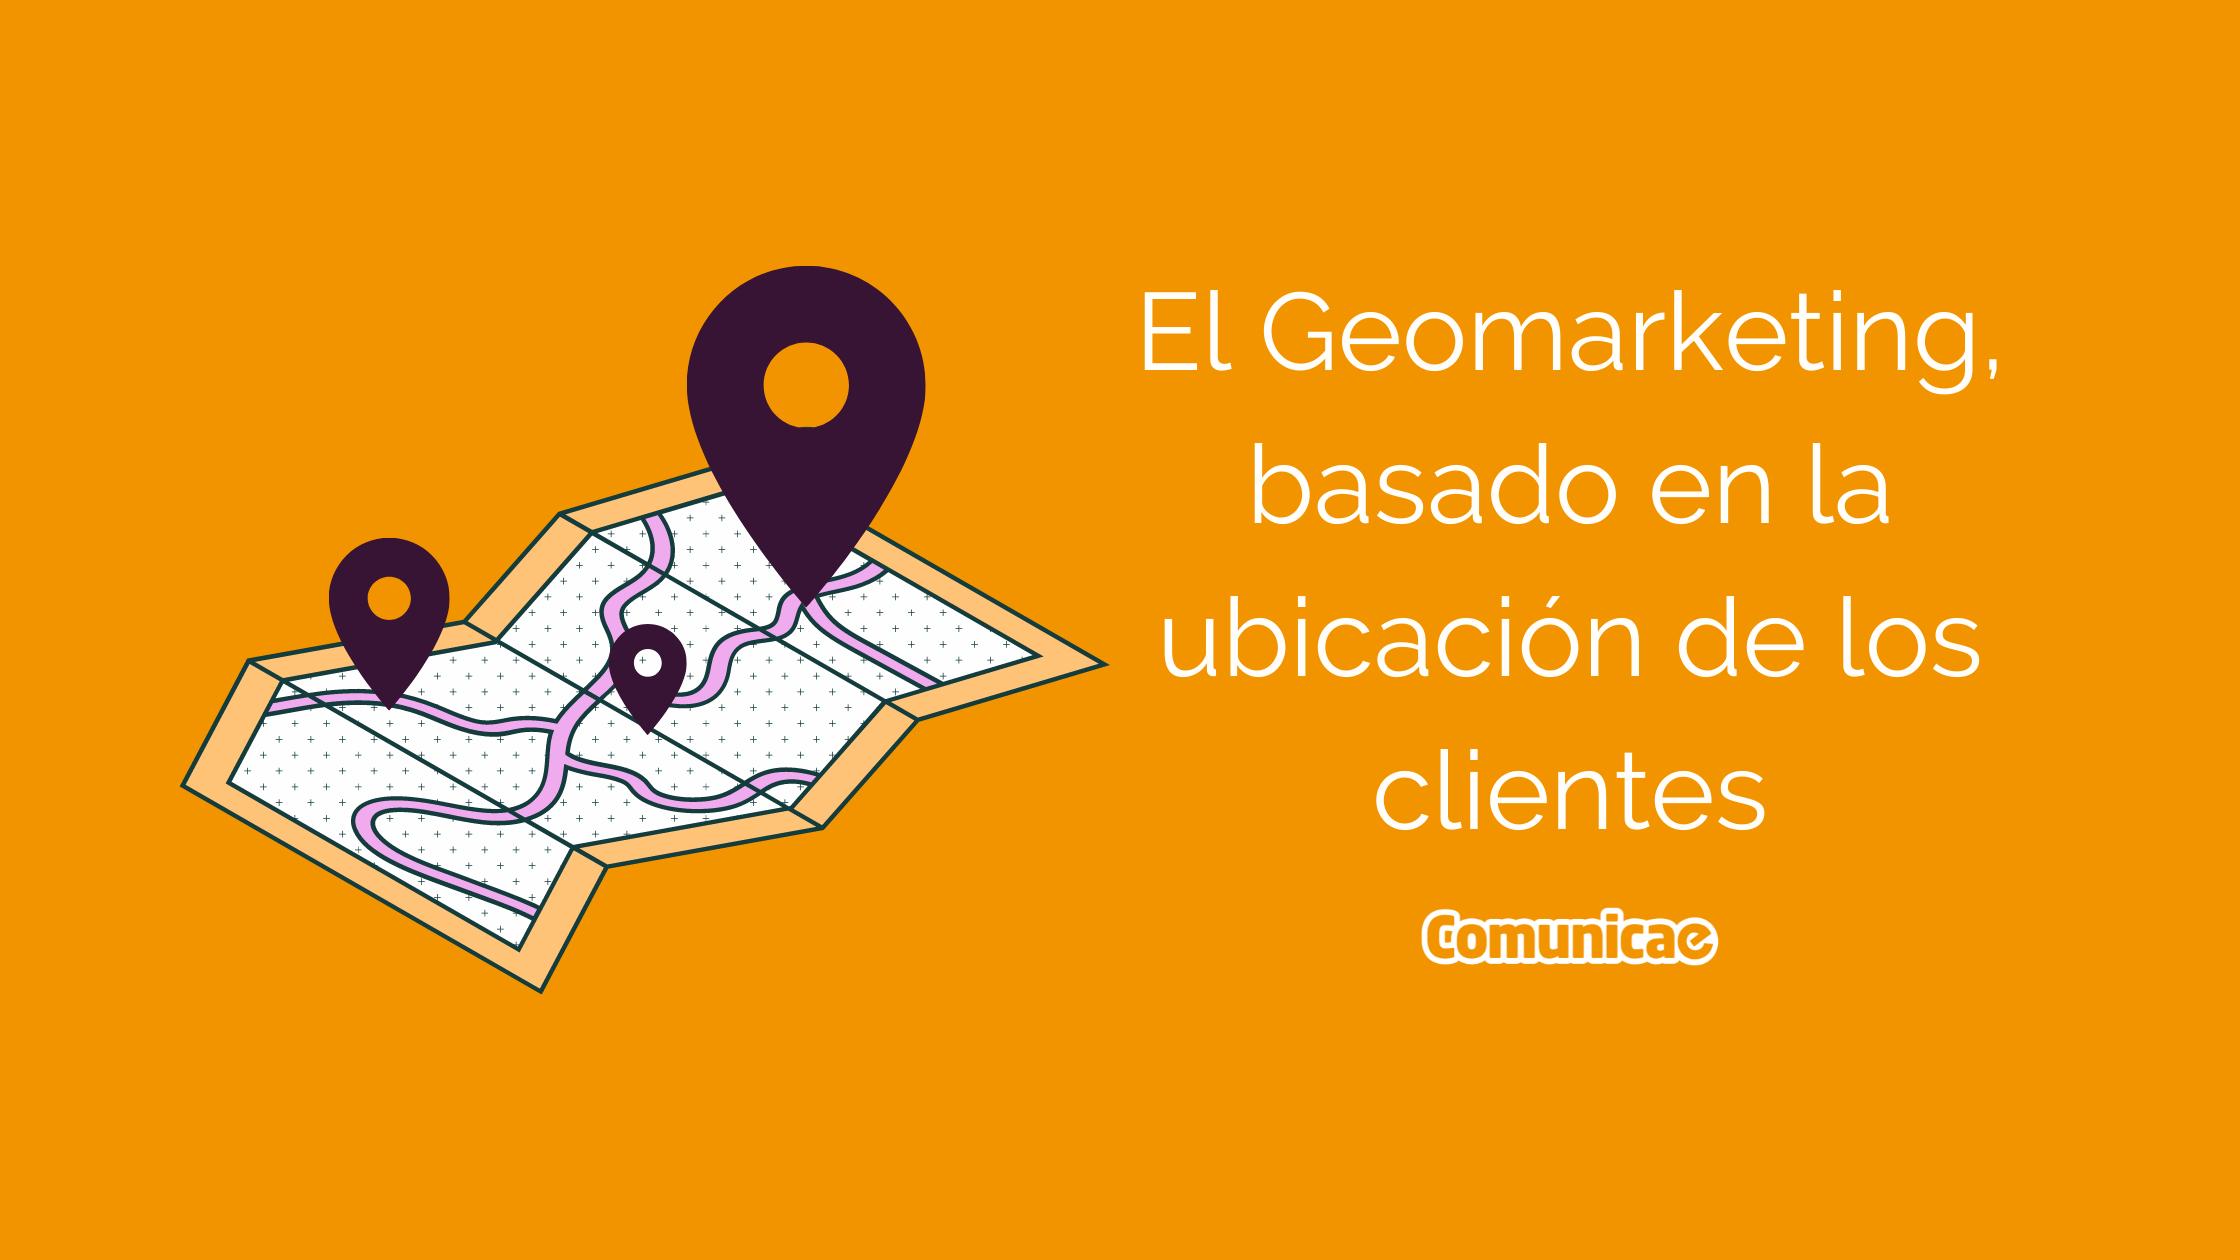 Geomarketing, basado en la ubicación de los clientes